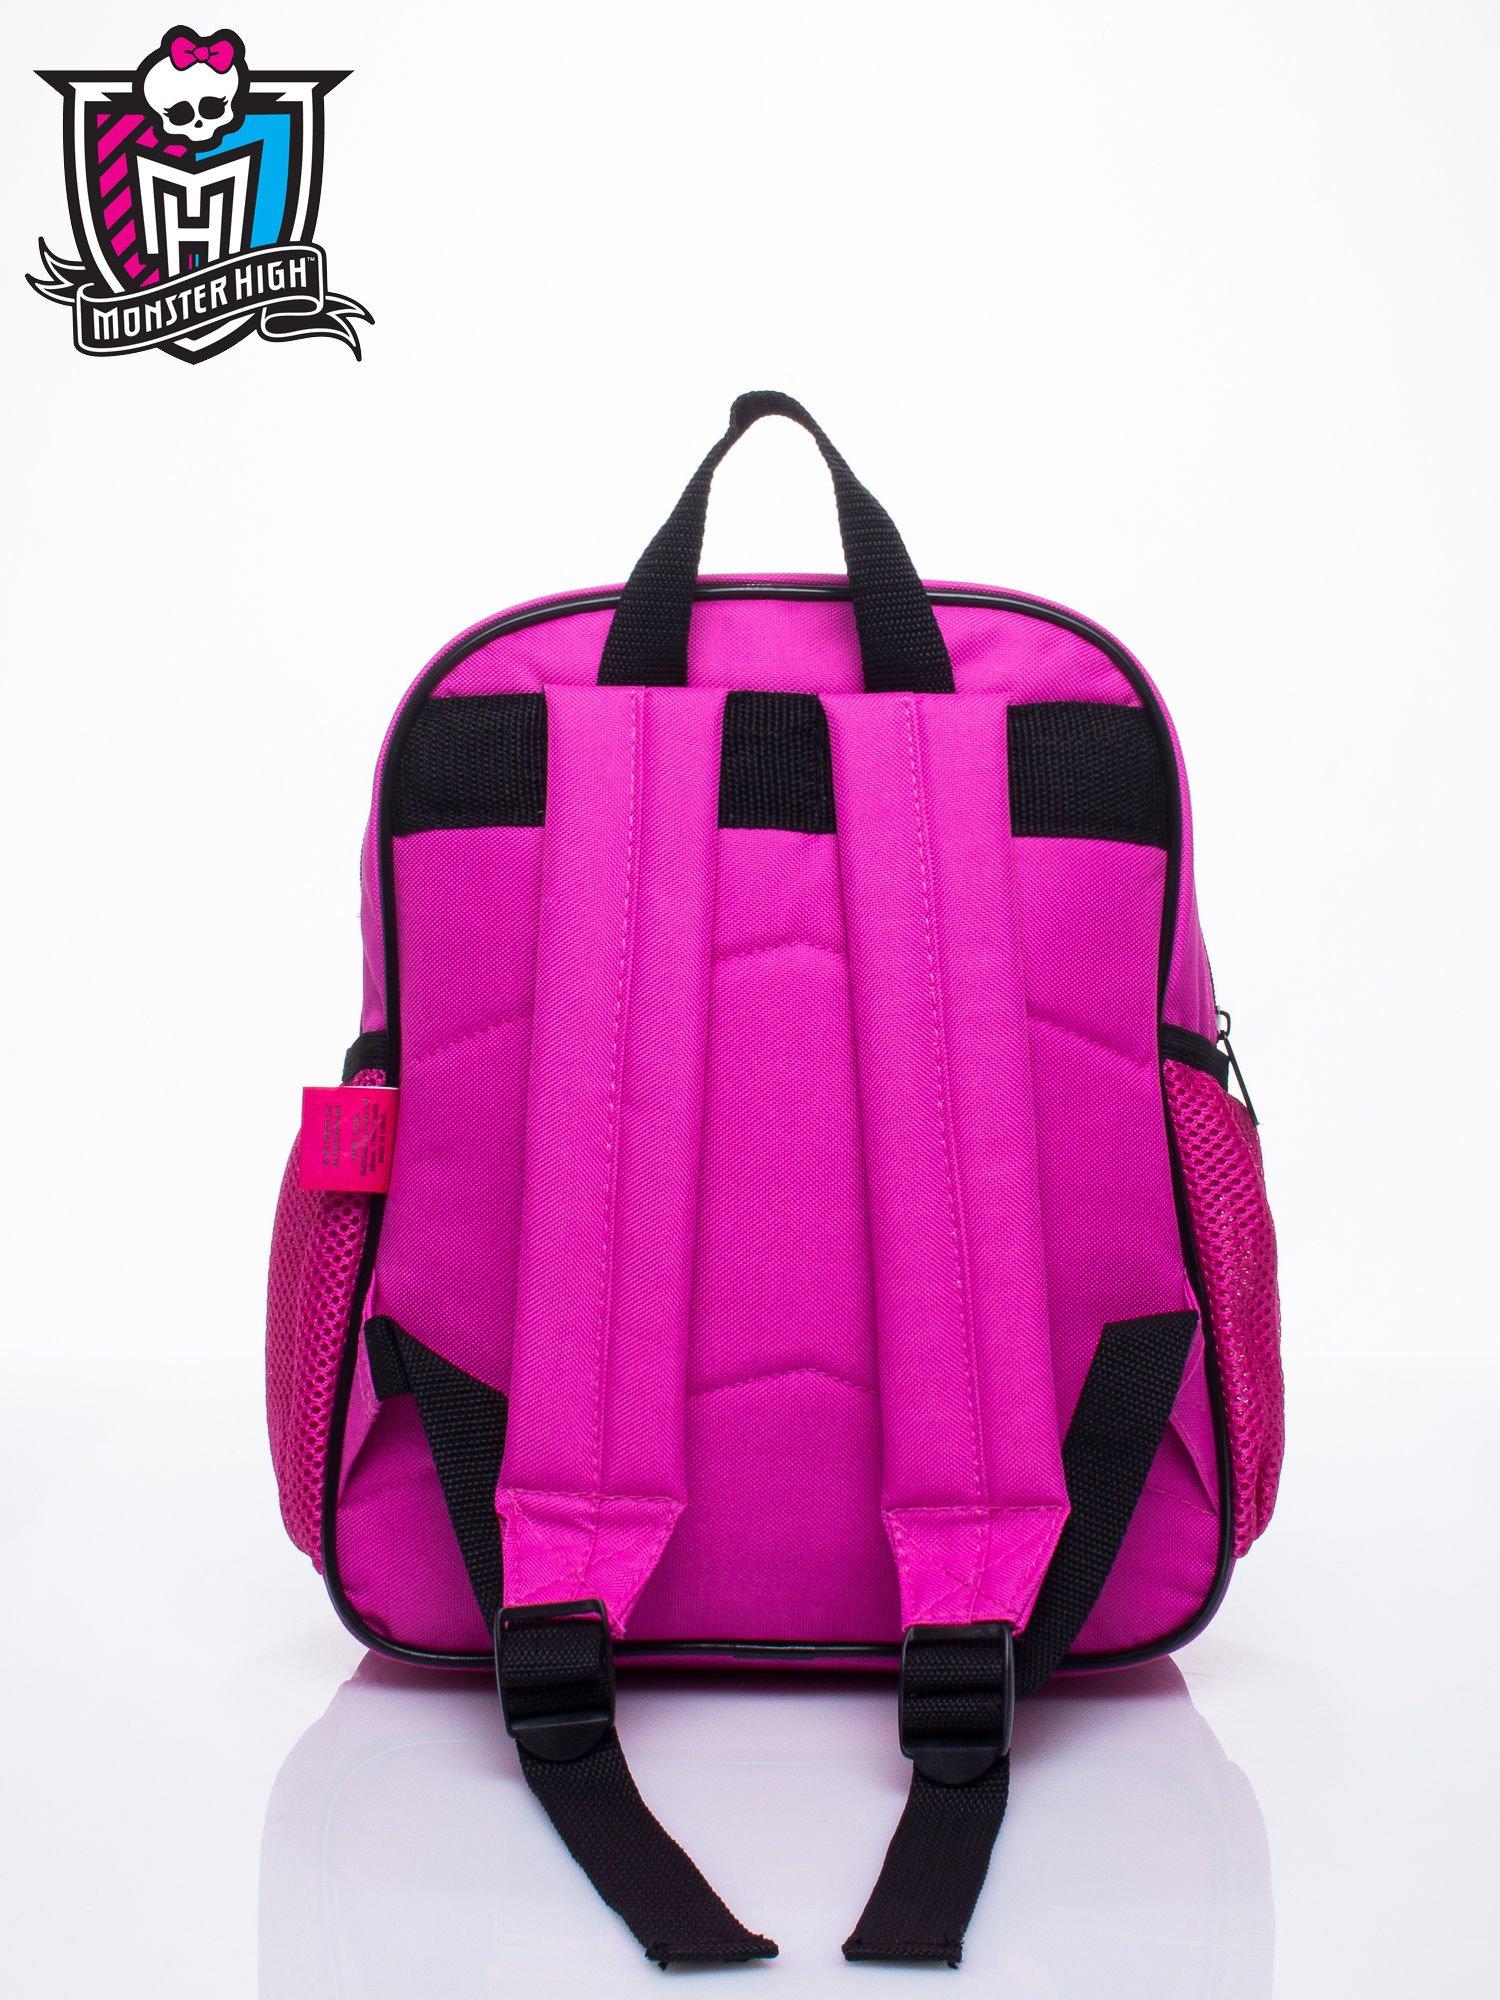 Różowy plecak dla dziewczynki DISNEY Monster High                                  zdj.                                  3